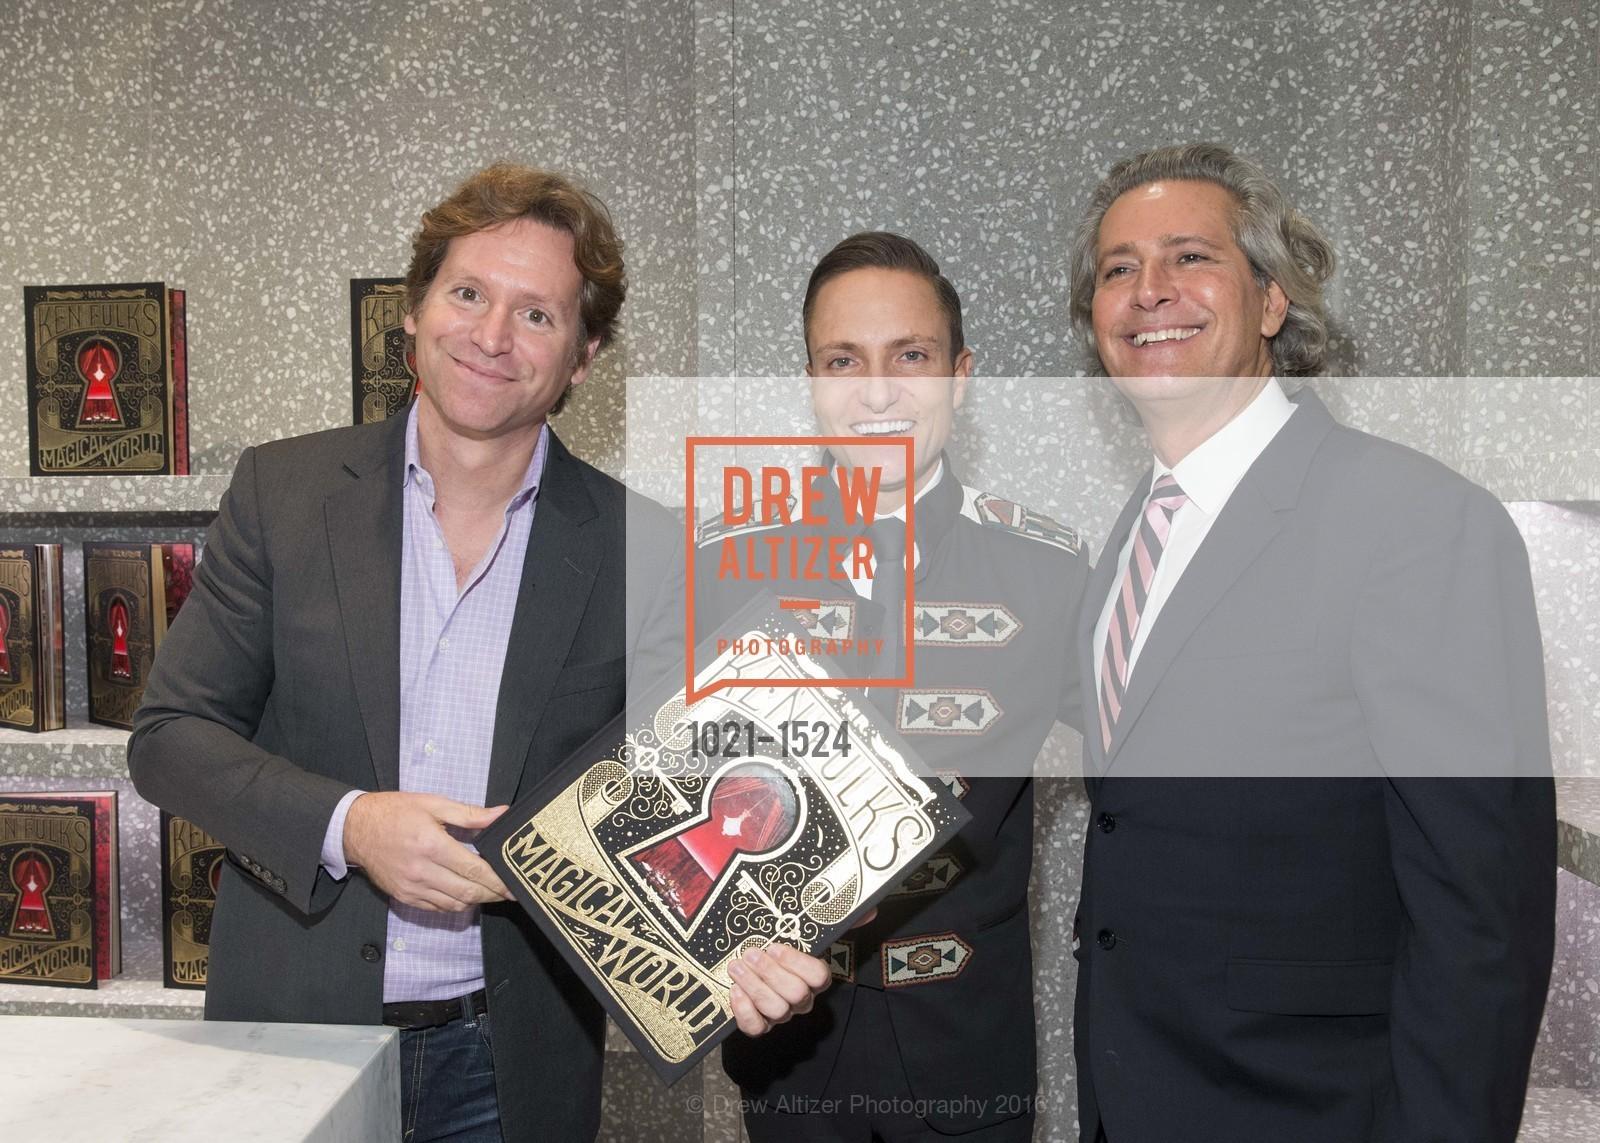 Trevor Traina, Ken Fulk, Carlos Souza, Photo #1021-1524